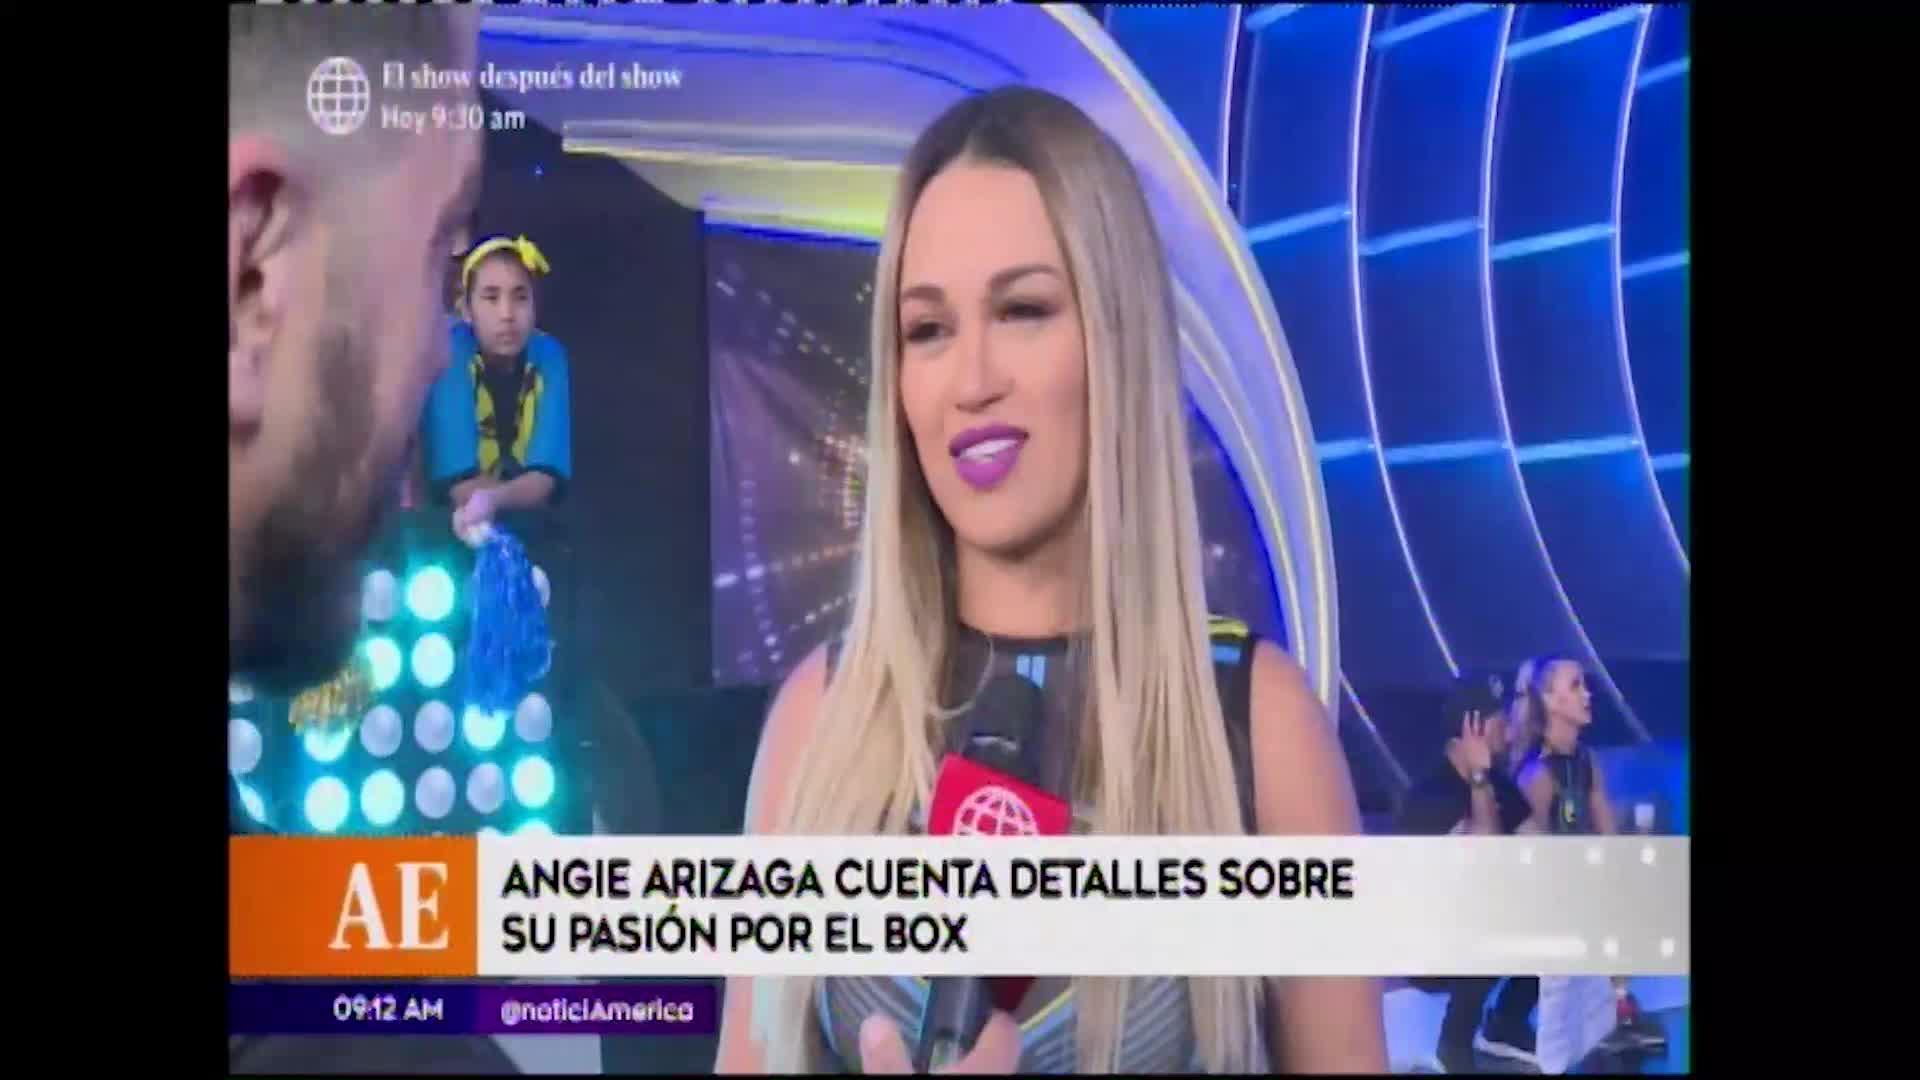 EEG: Angie Arizaga y su pasión por el box